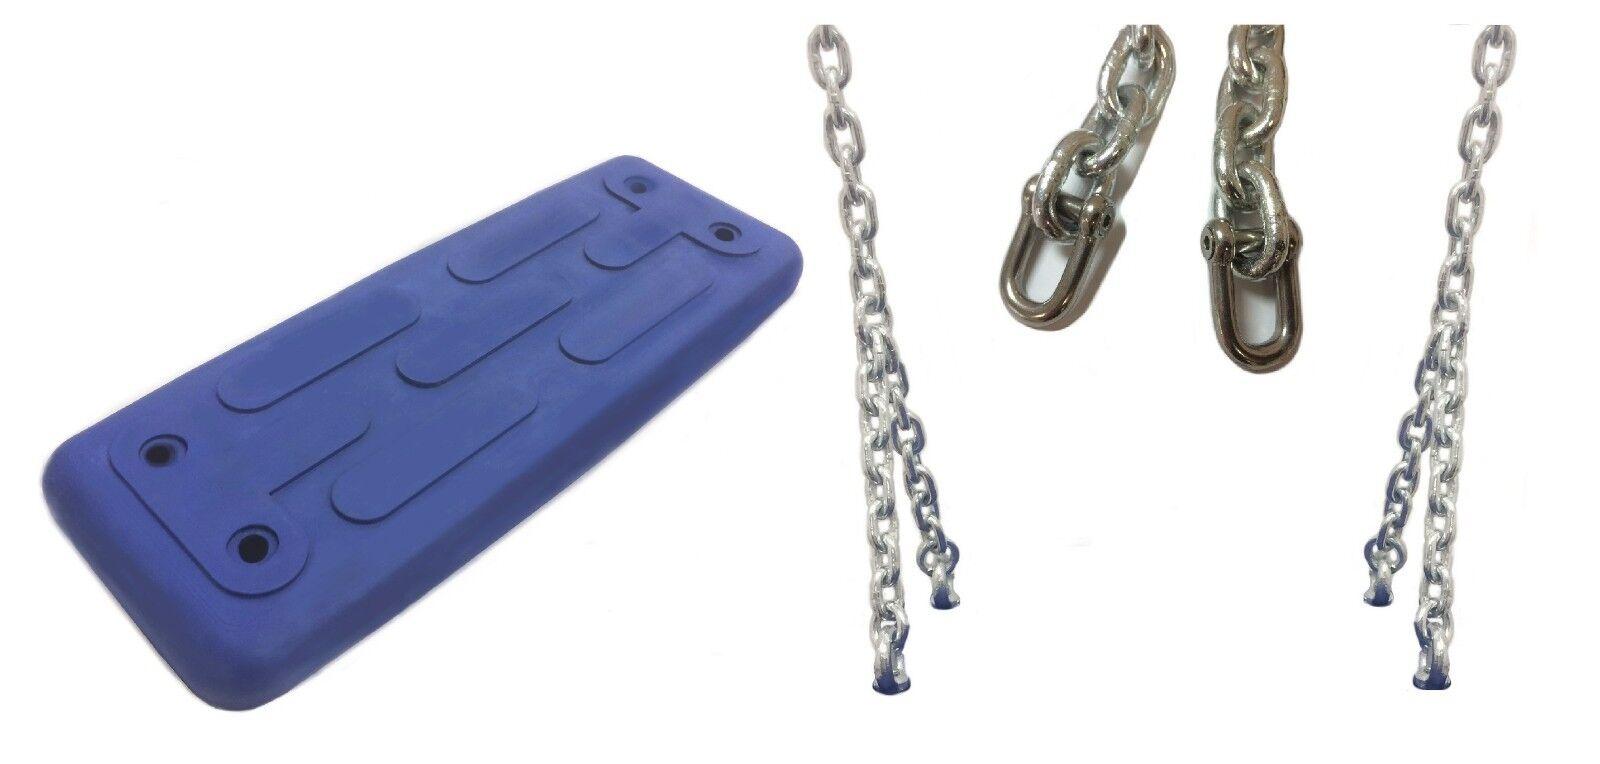 48cm blauer Schaukelsitz u. inklusive Kettenzubehör